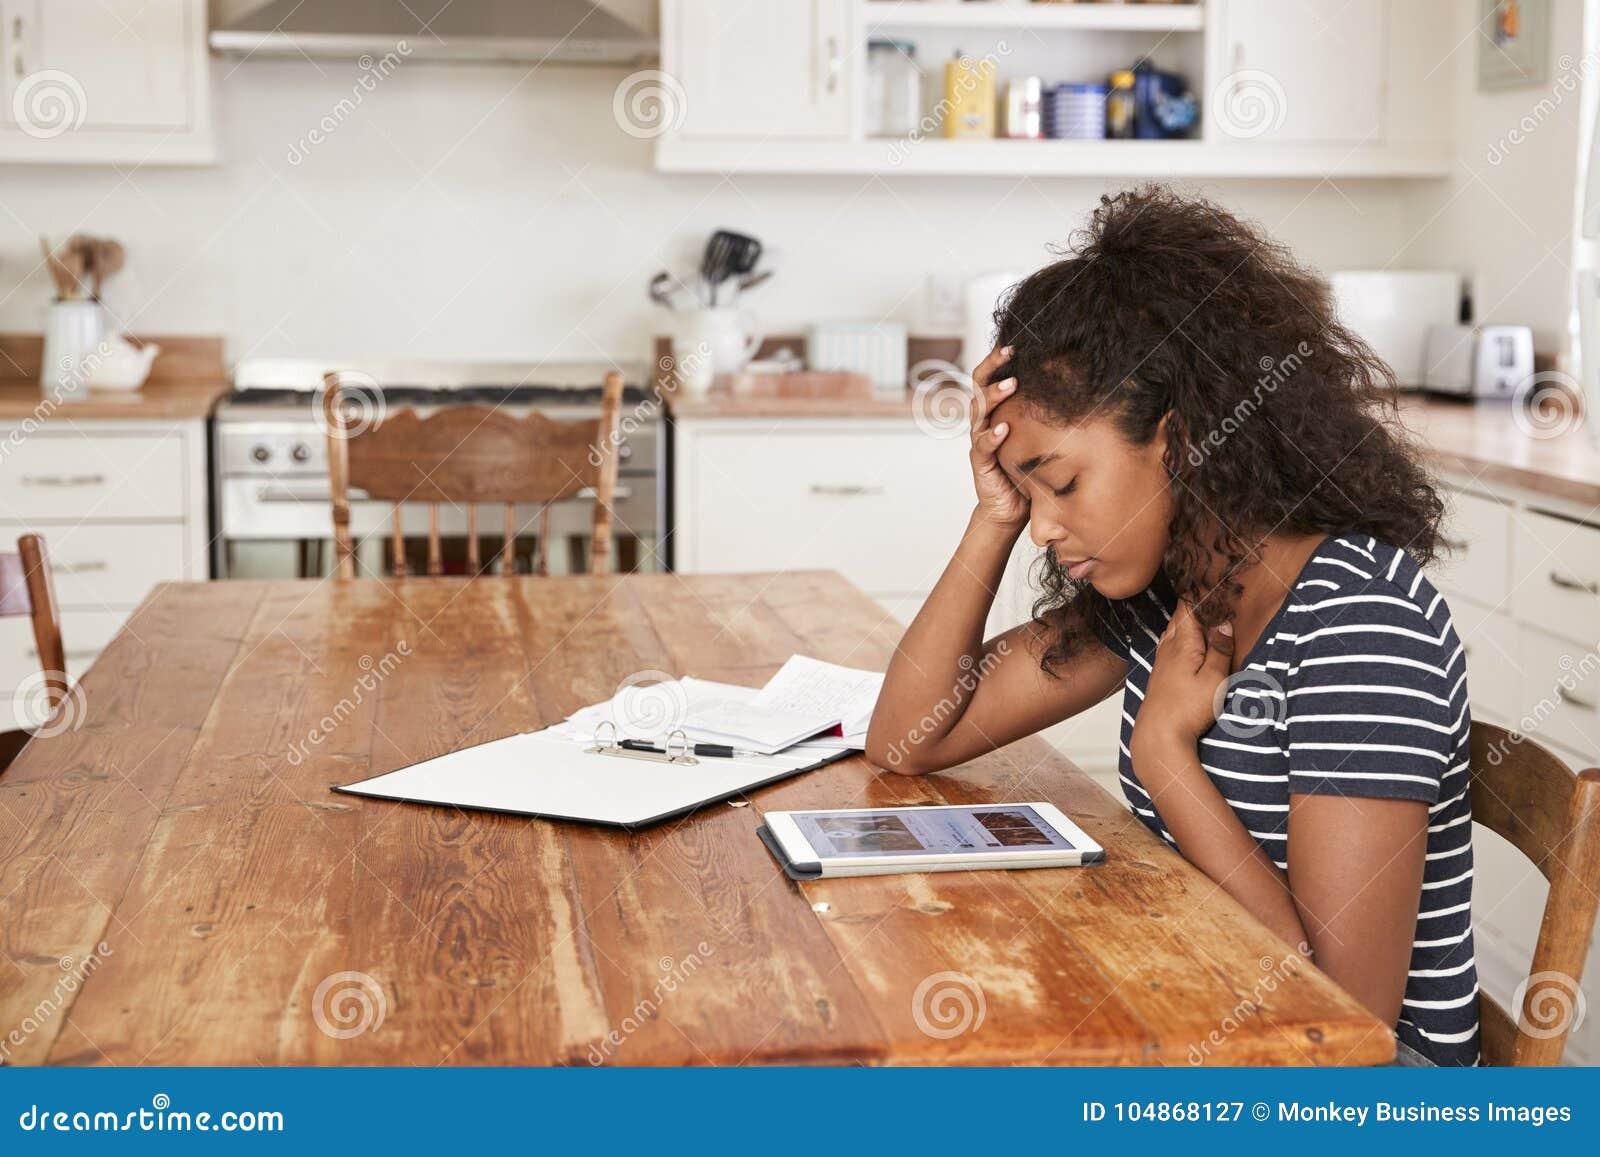 Девочка-подросток дома используя таблетку цифров будучи задиранным на линии